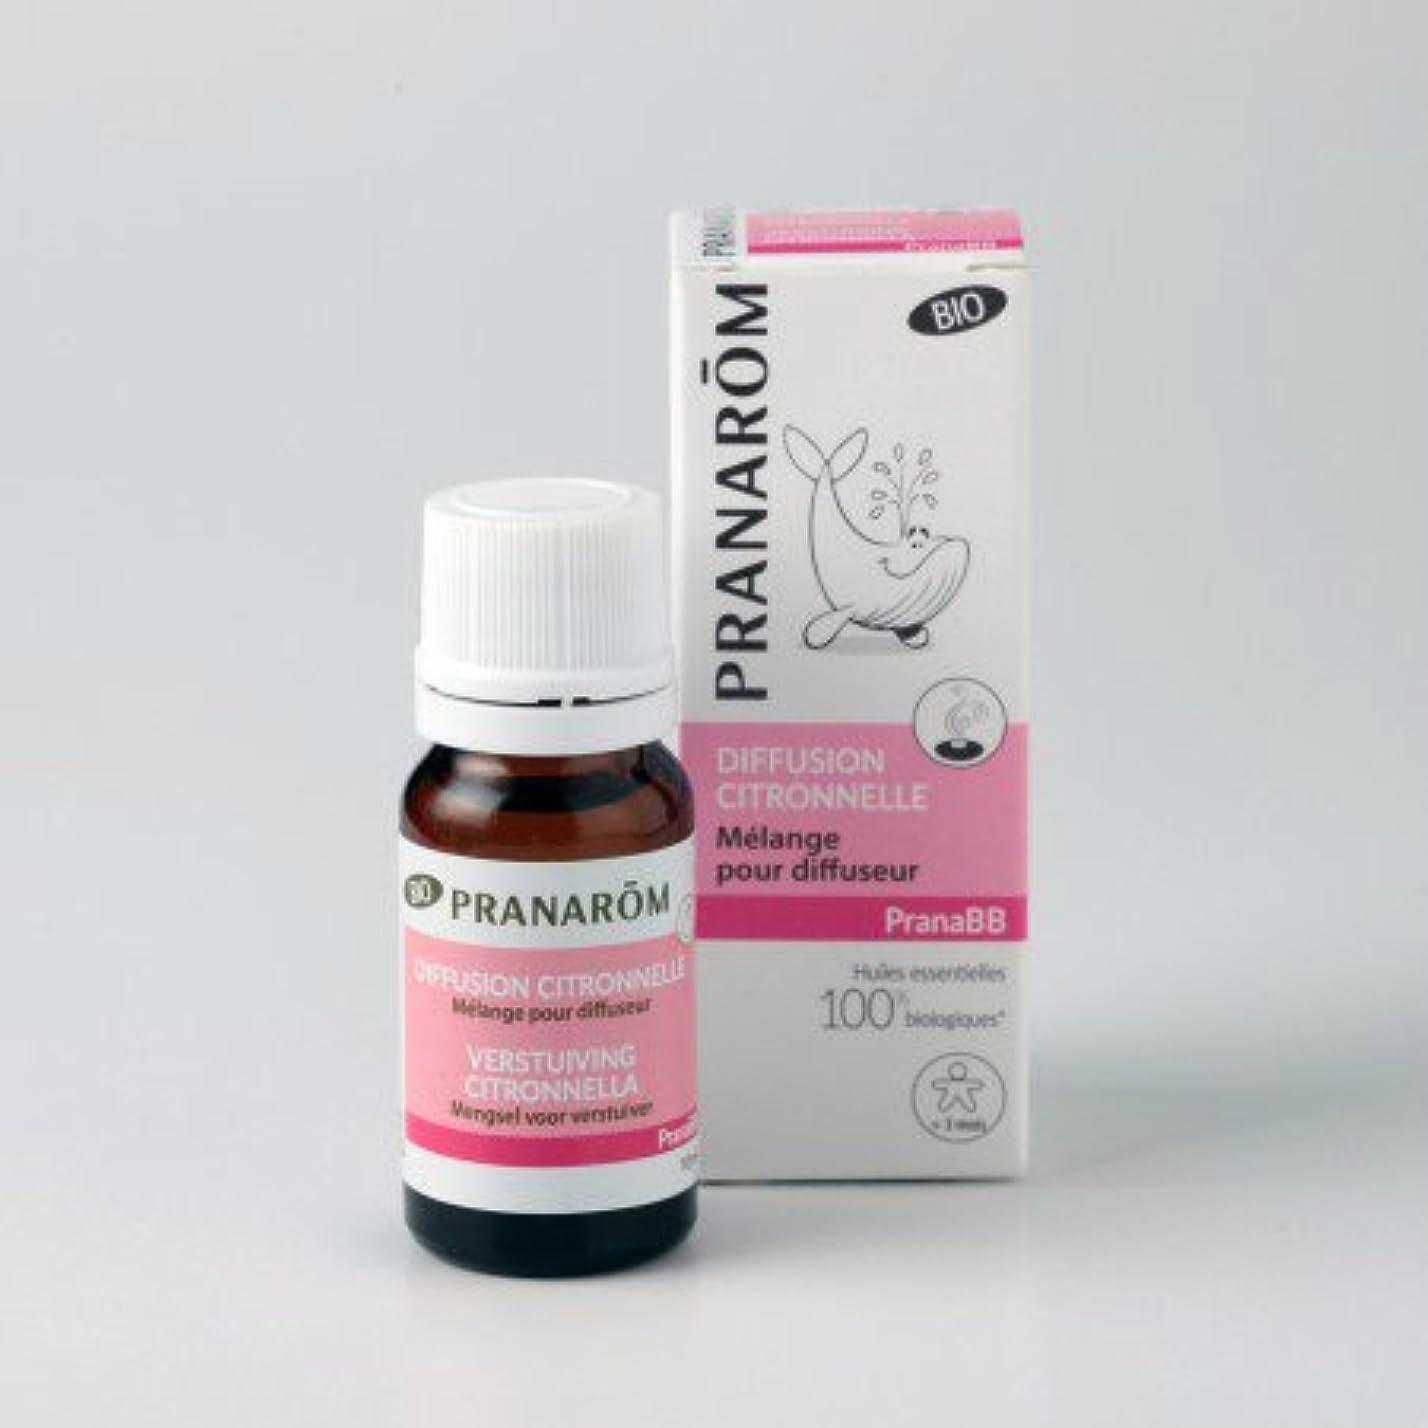 間違えたフォルダ精緻化プラナロム プラナBB ディフューザーオイル シトロネラ 10ml ルームコロン (PRANAROM プラナBB)